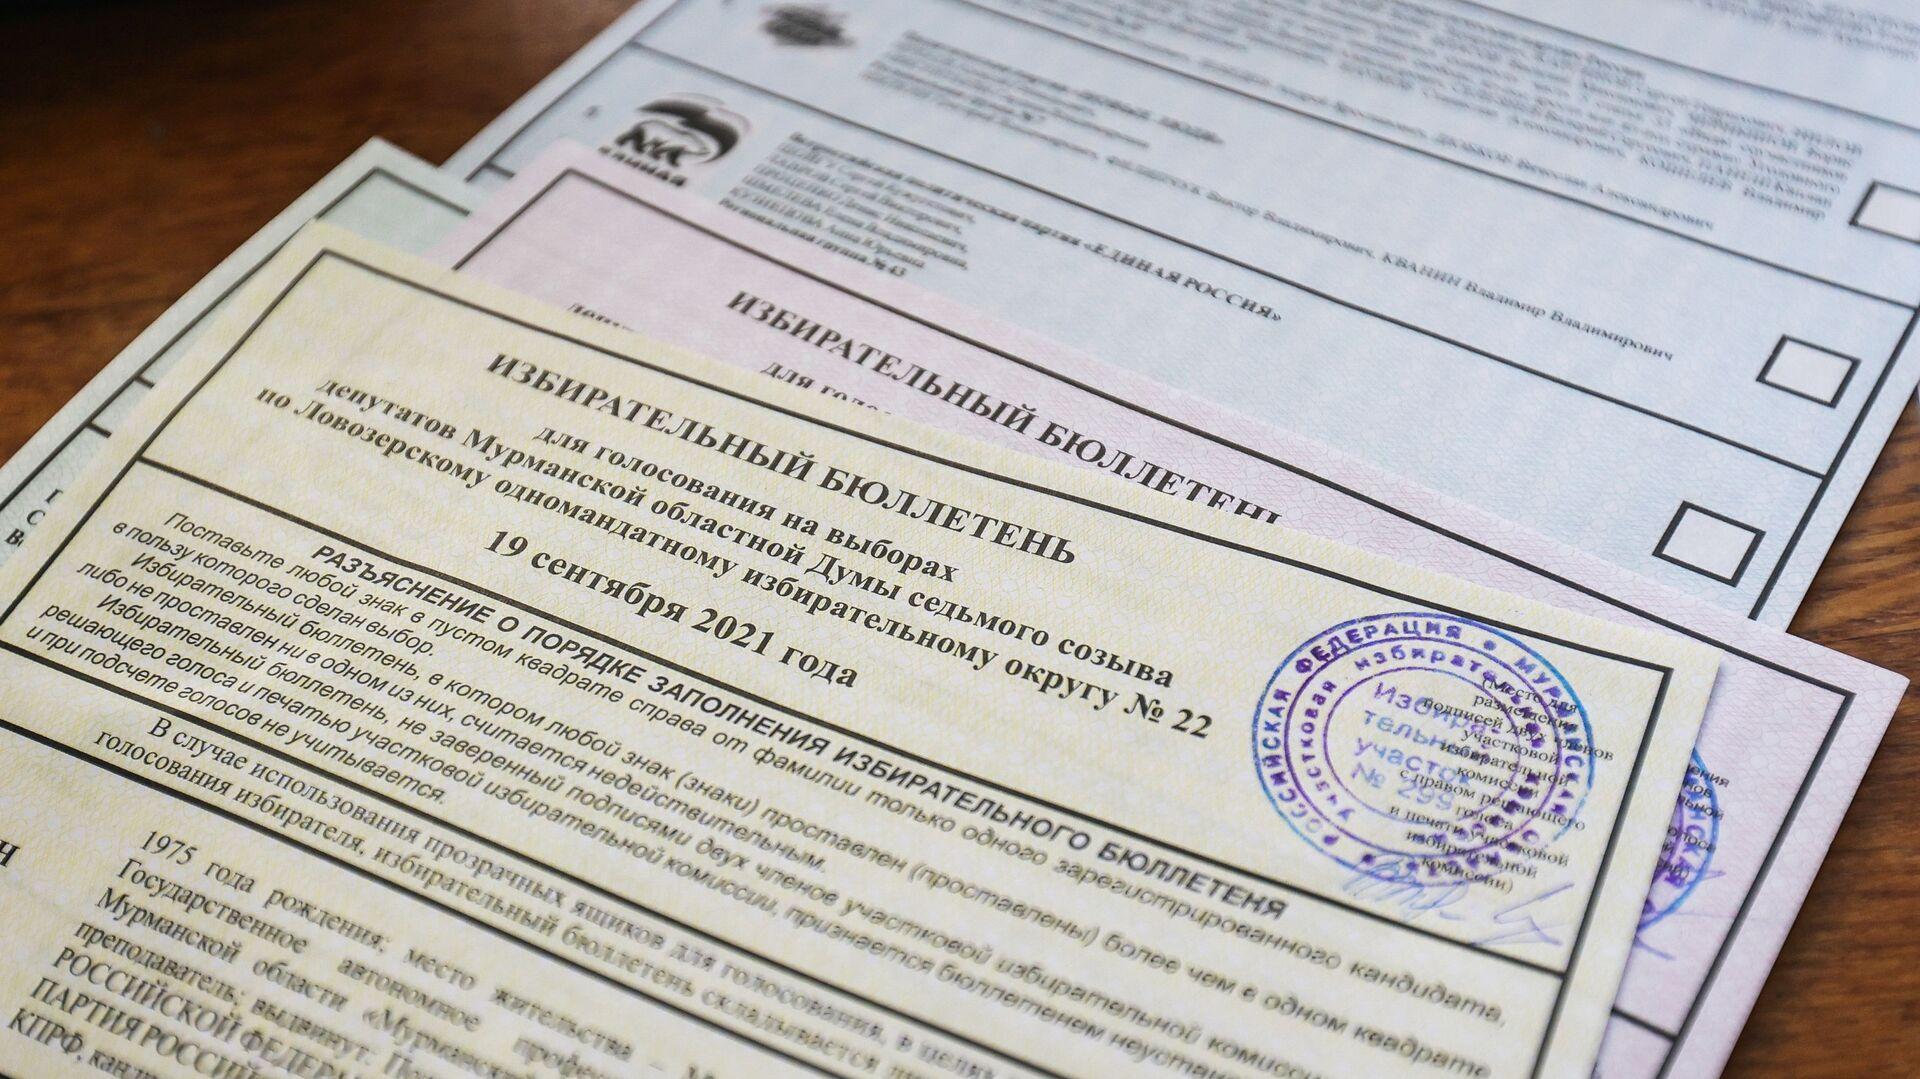 Hlasovací lístky v Rusku - Sputnik Česká republika, 1920, 19.09.2021